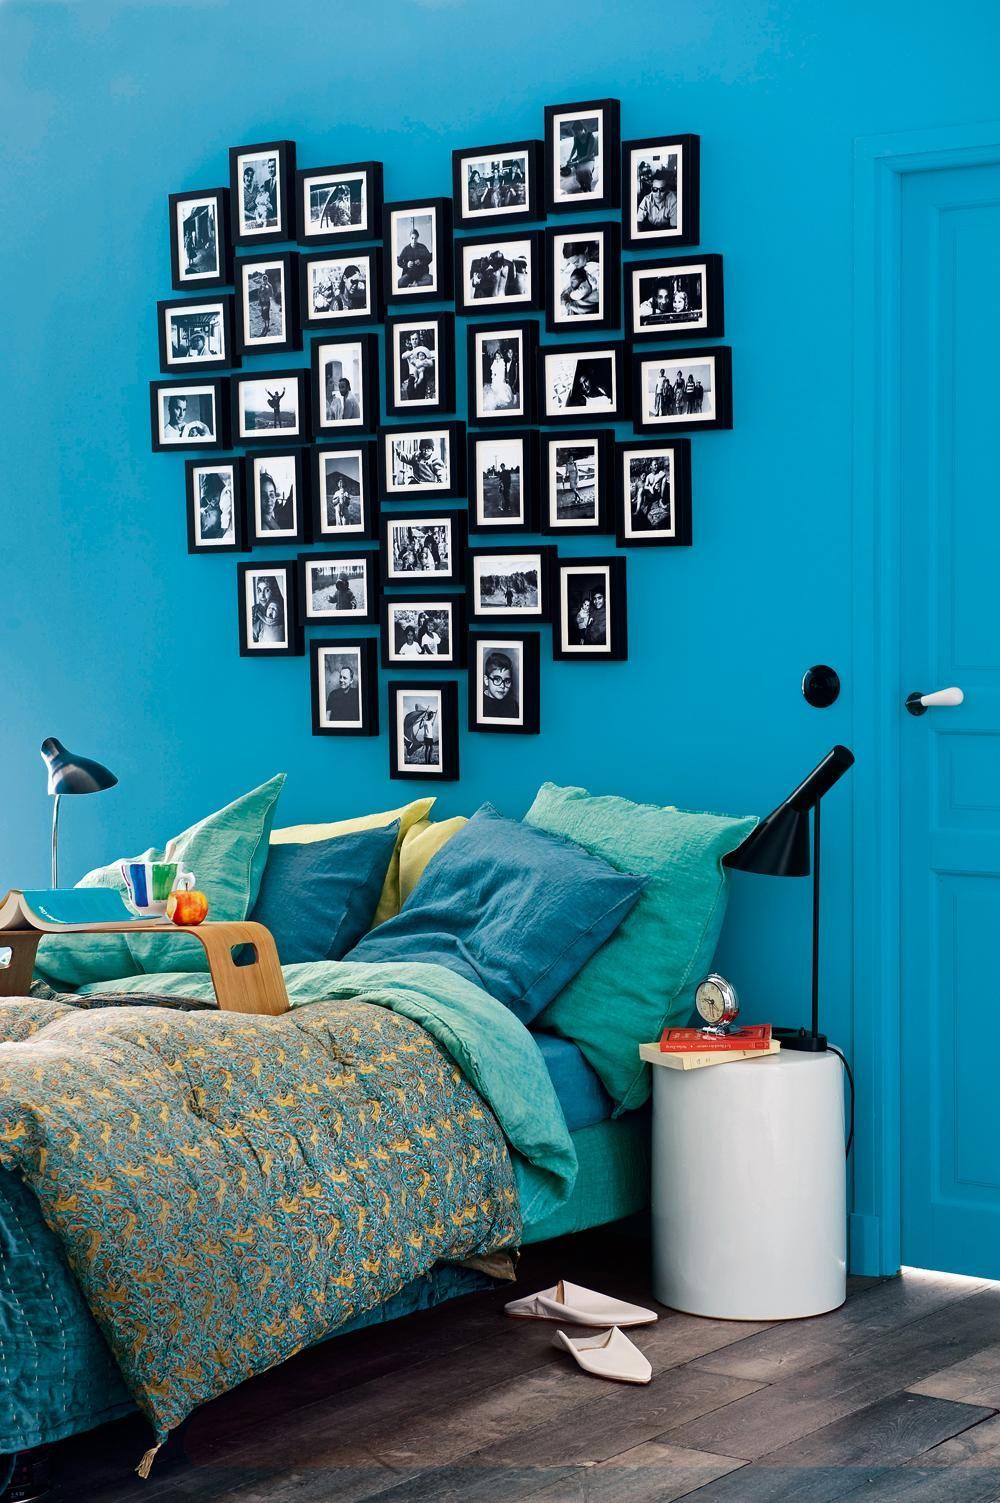 Idée romantique pour une chambre - un cœur disposé à partir de cadres